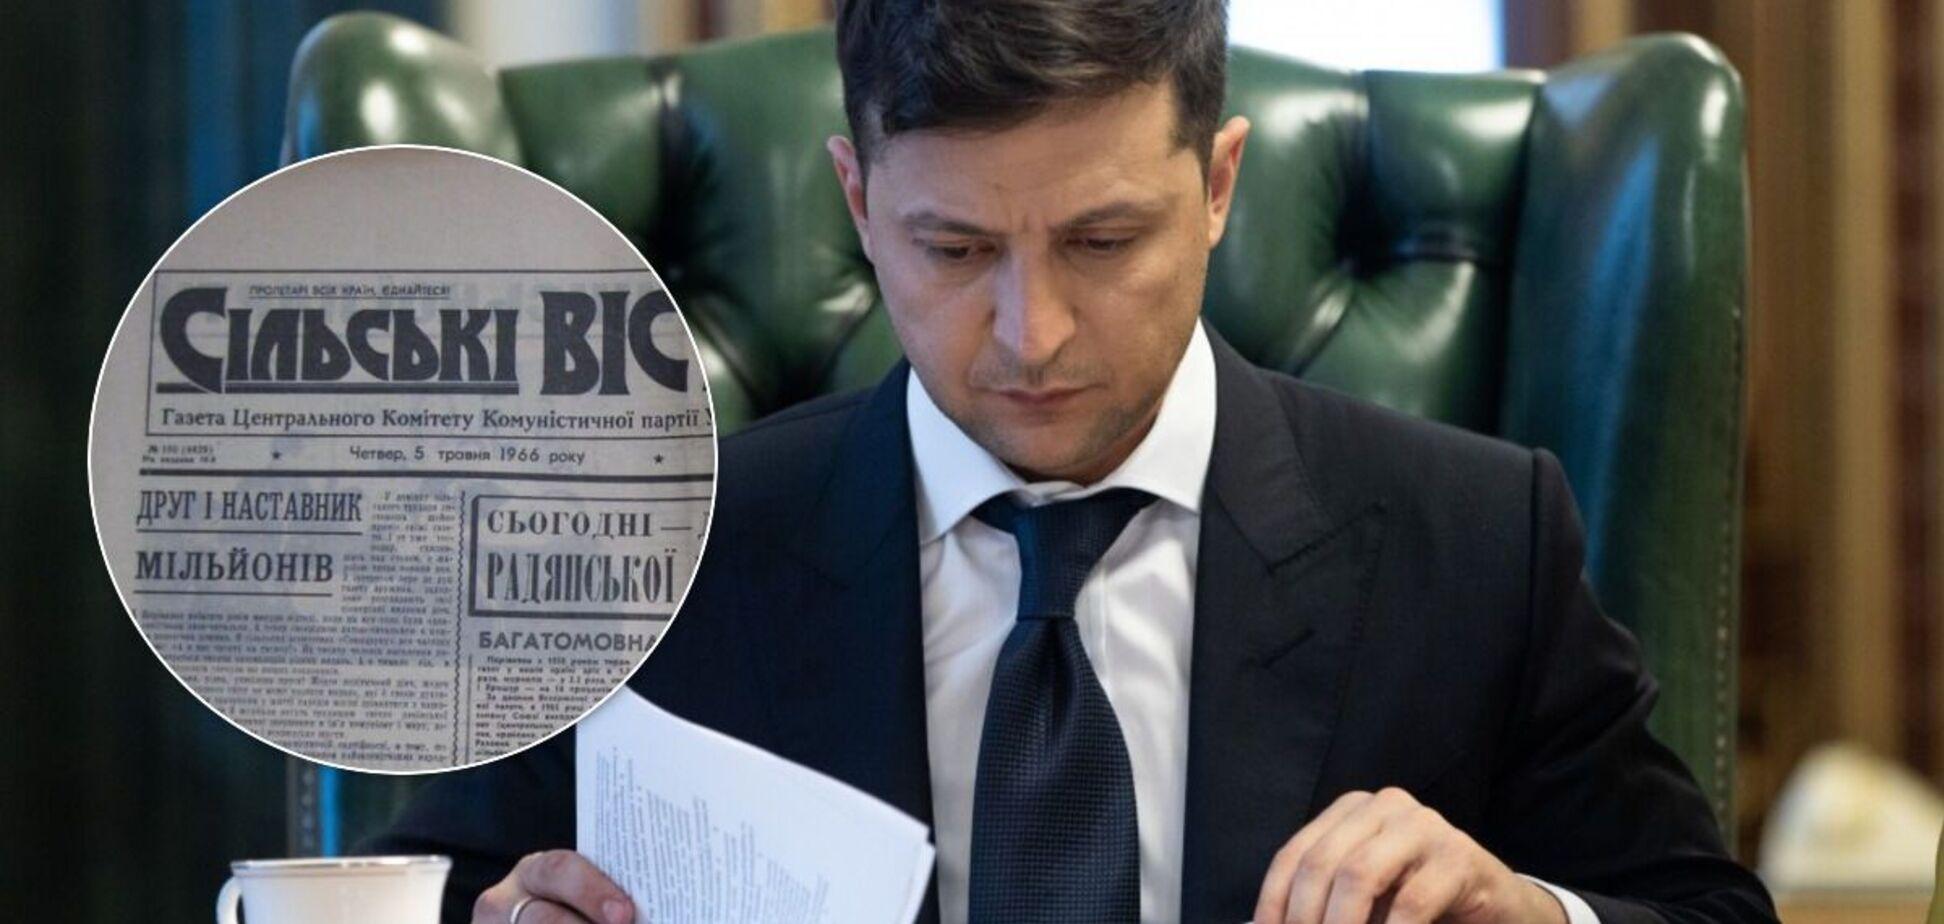 Газеты Зеленского